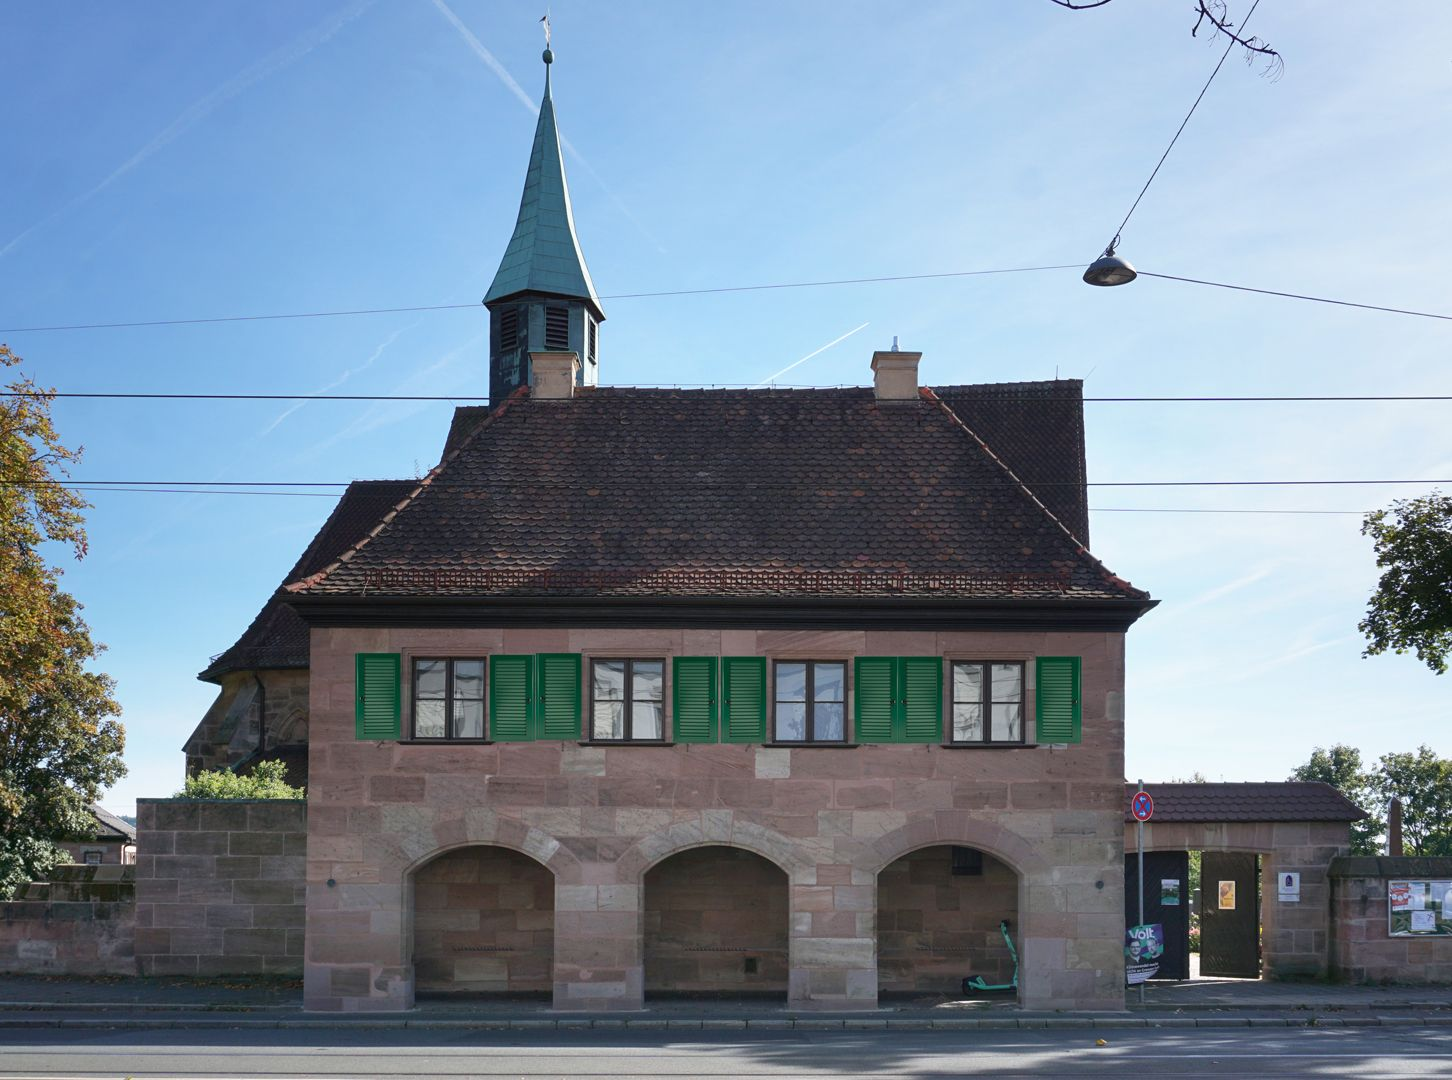 Pförtnerhaus des Friedhofs St. Jobst Nordseite mit digitaler Rekonstruktion der heute leider fehlenden Fensterläden